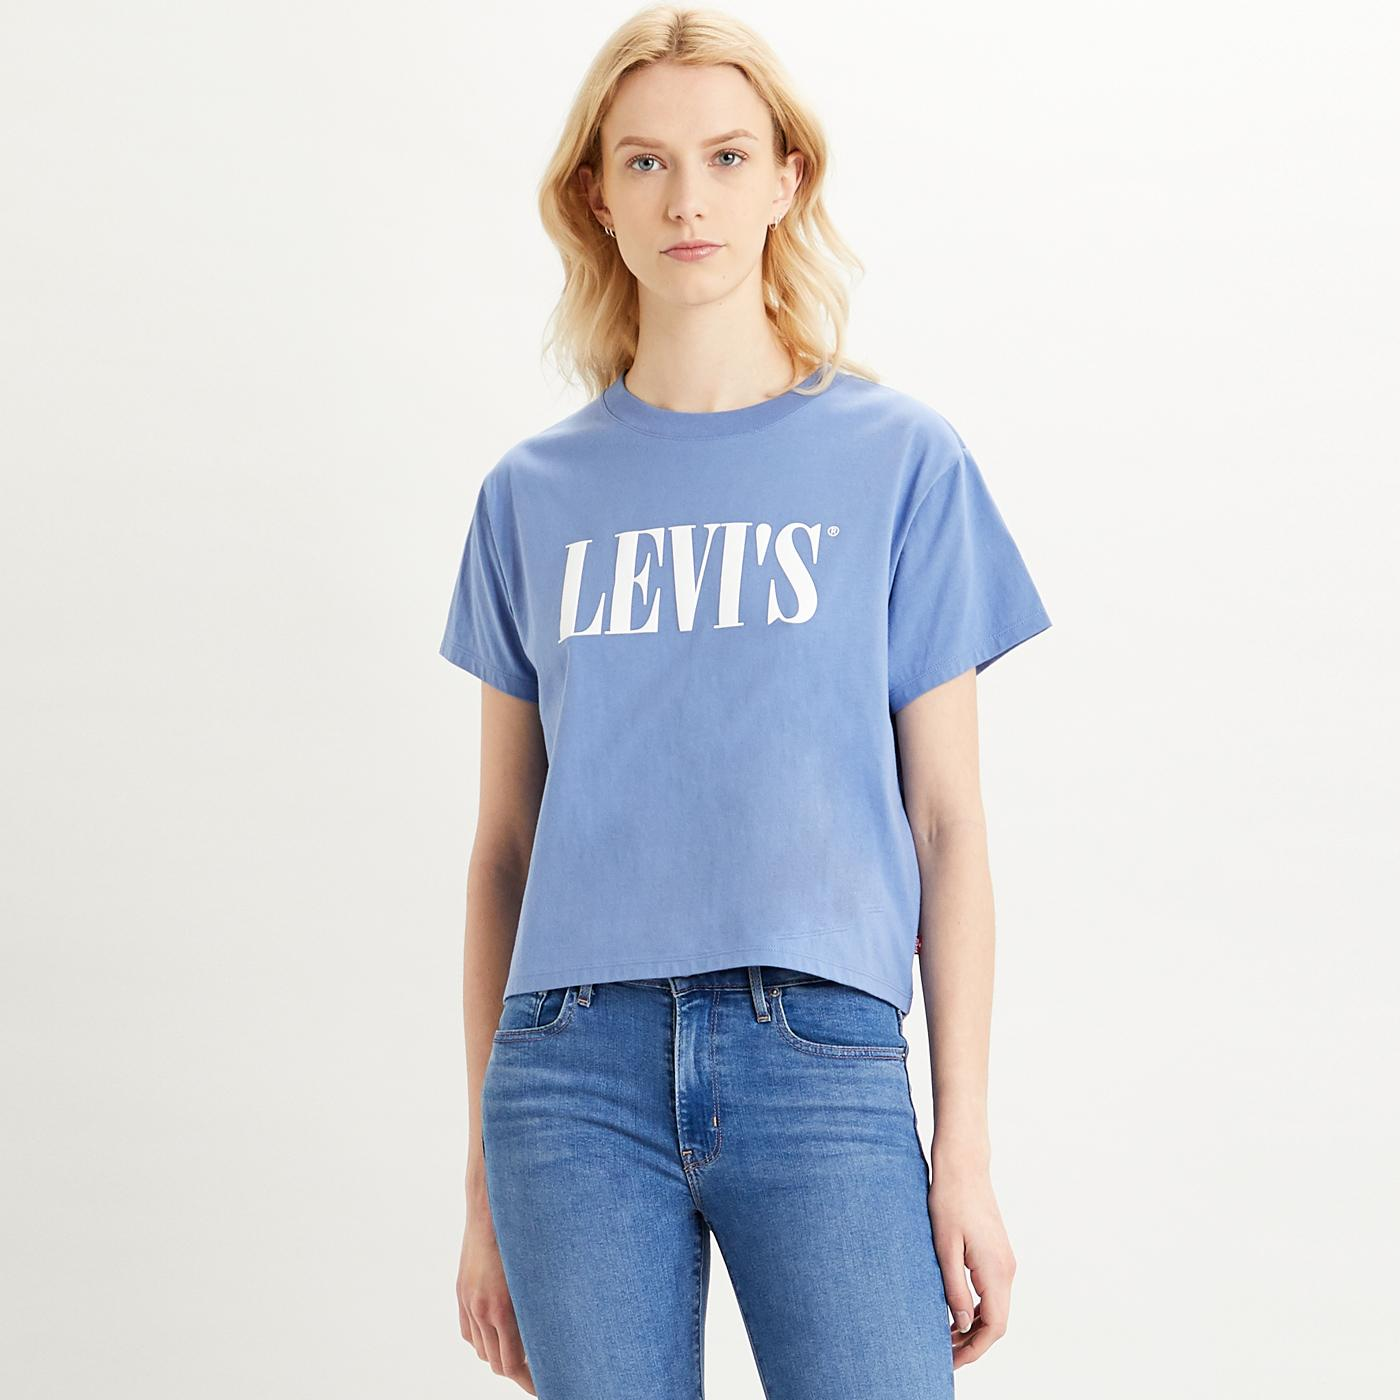 Varsity Tee LEVIS WOMENS Retro 90s Blue Boxy Tee